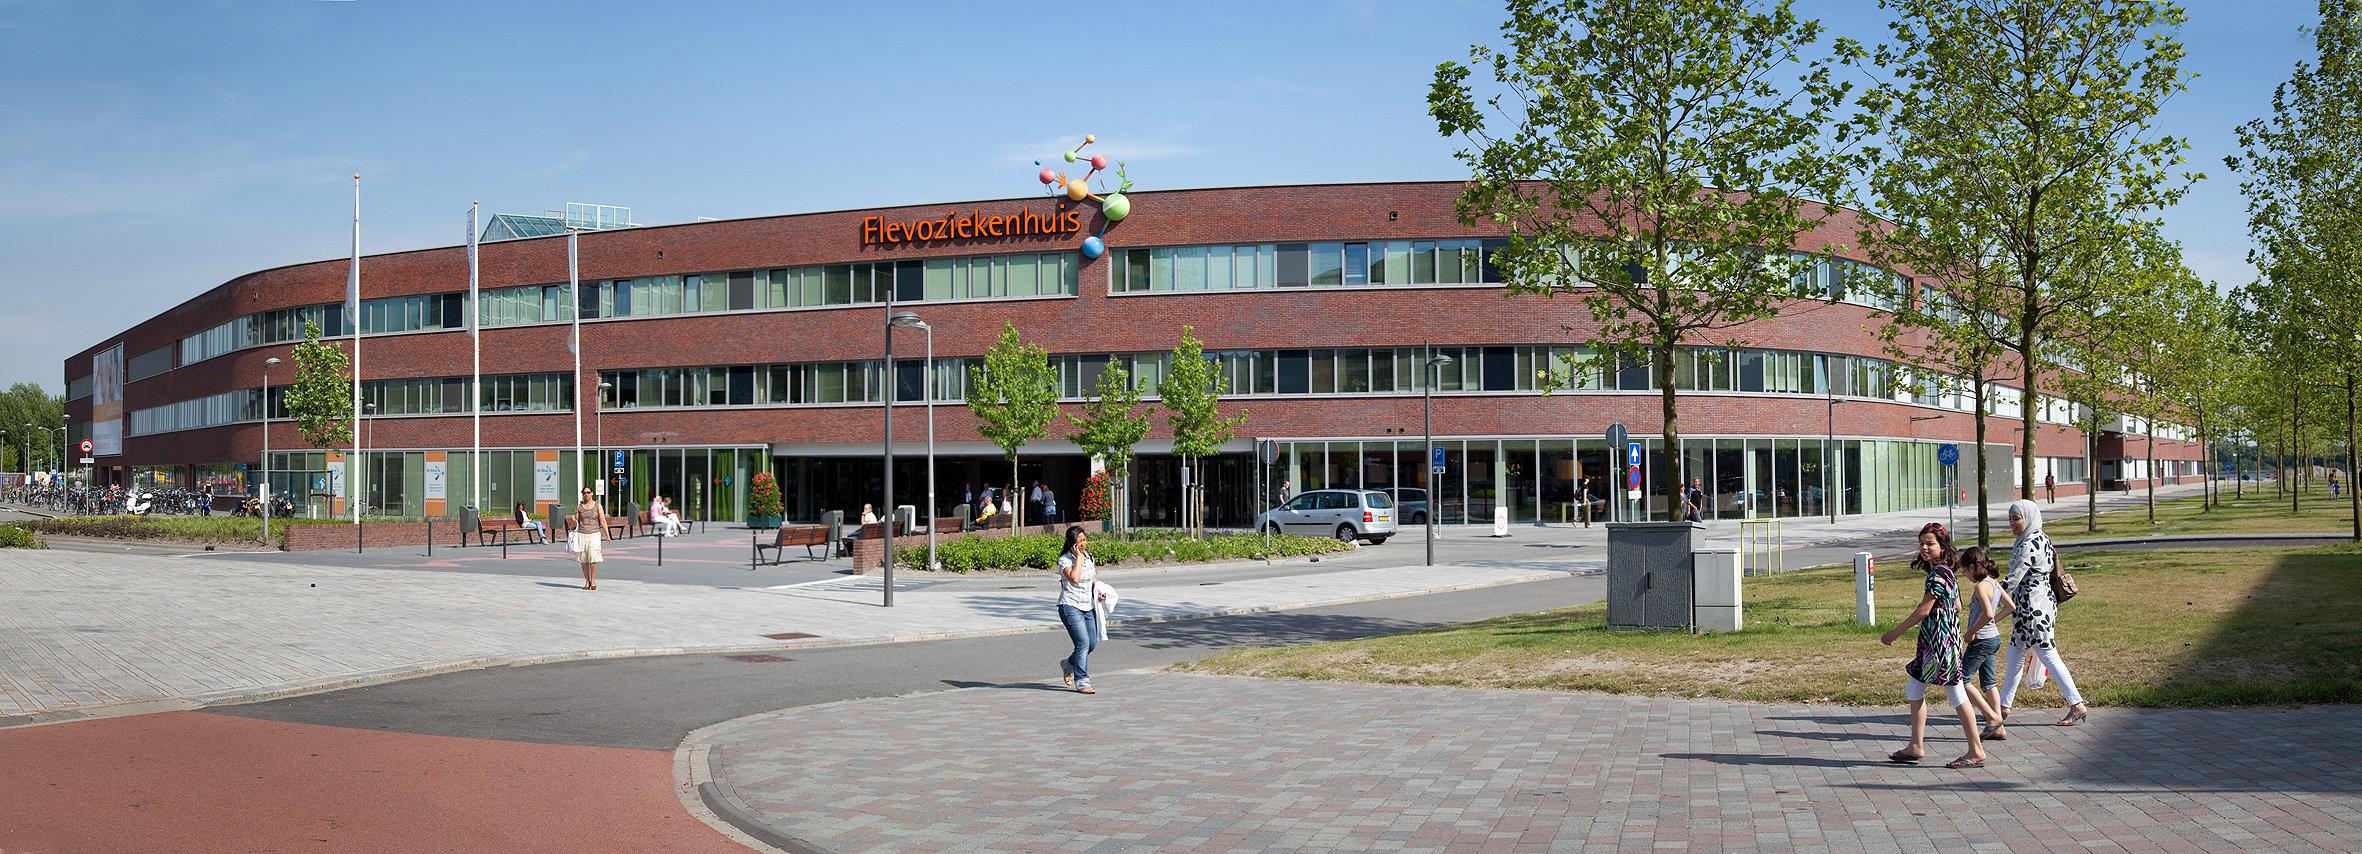 flevoziekenhuis voorgevel